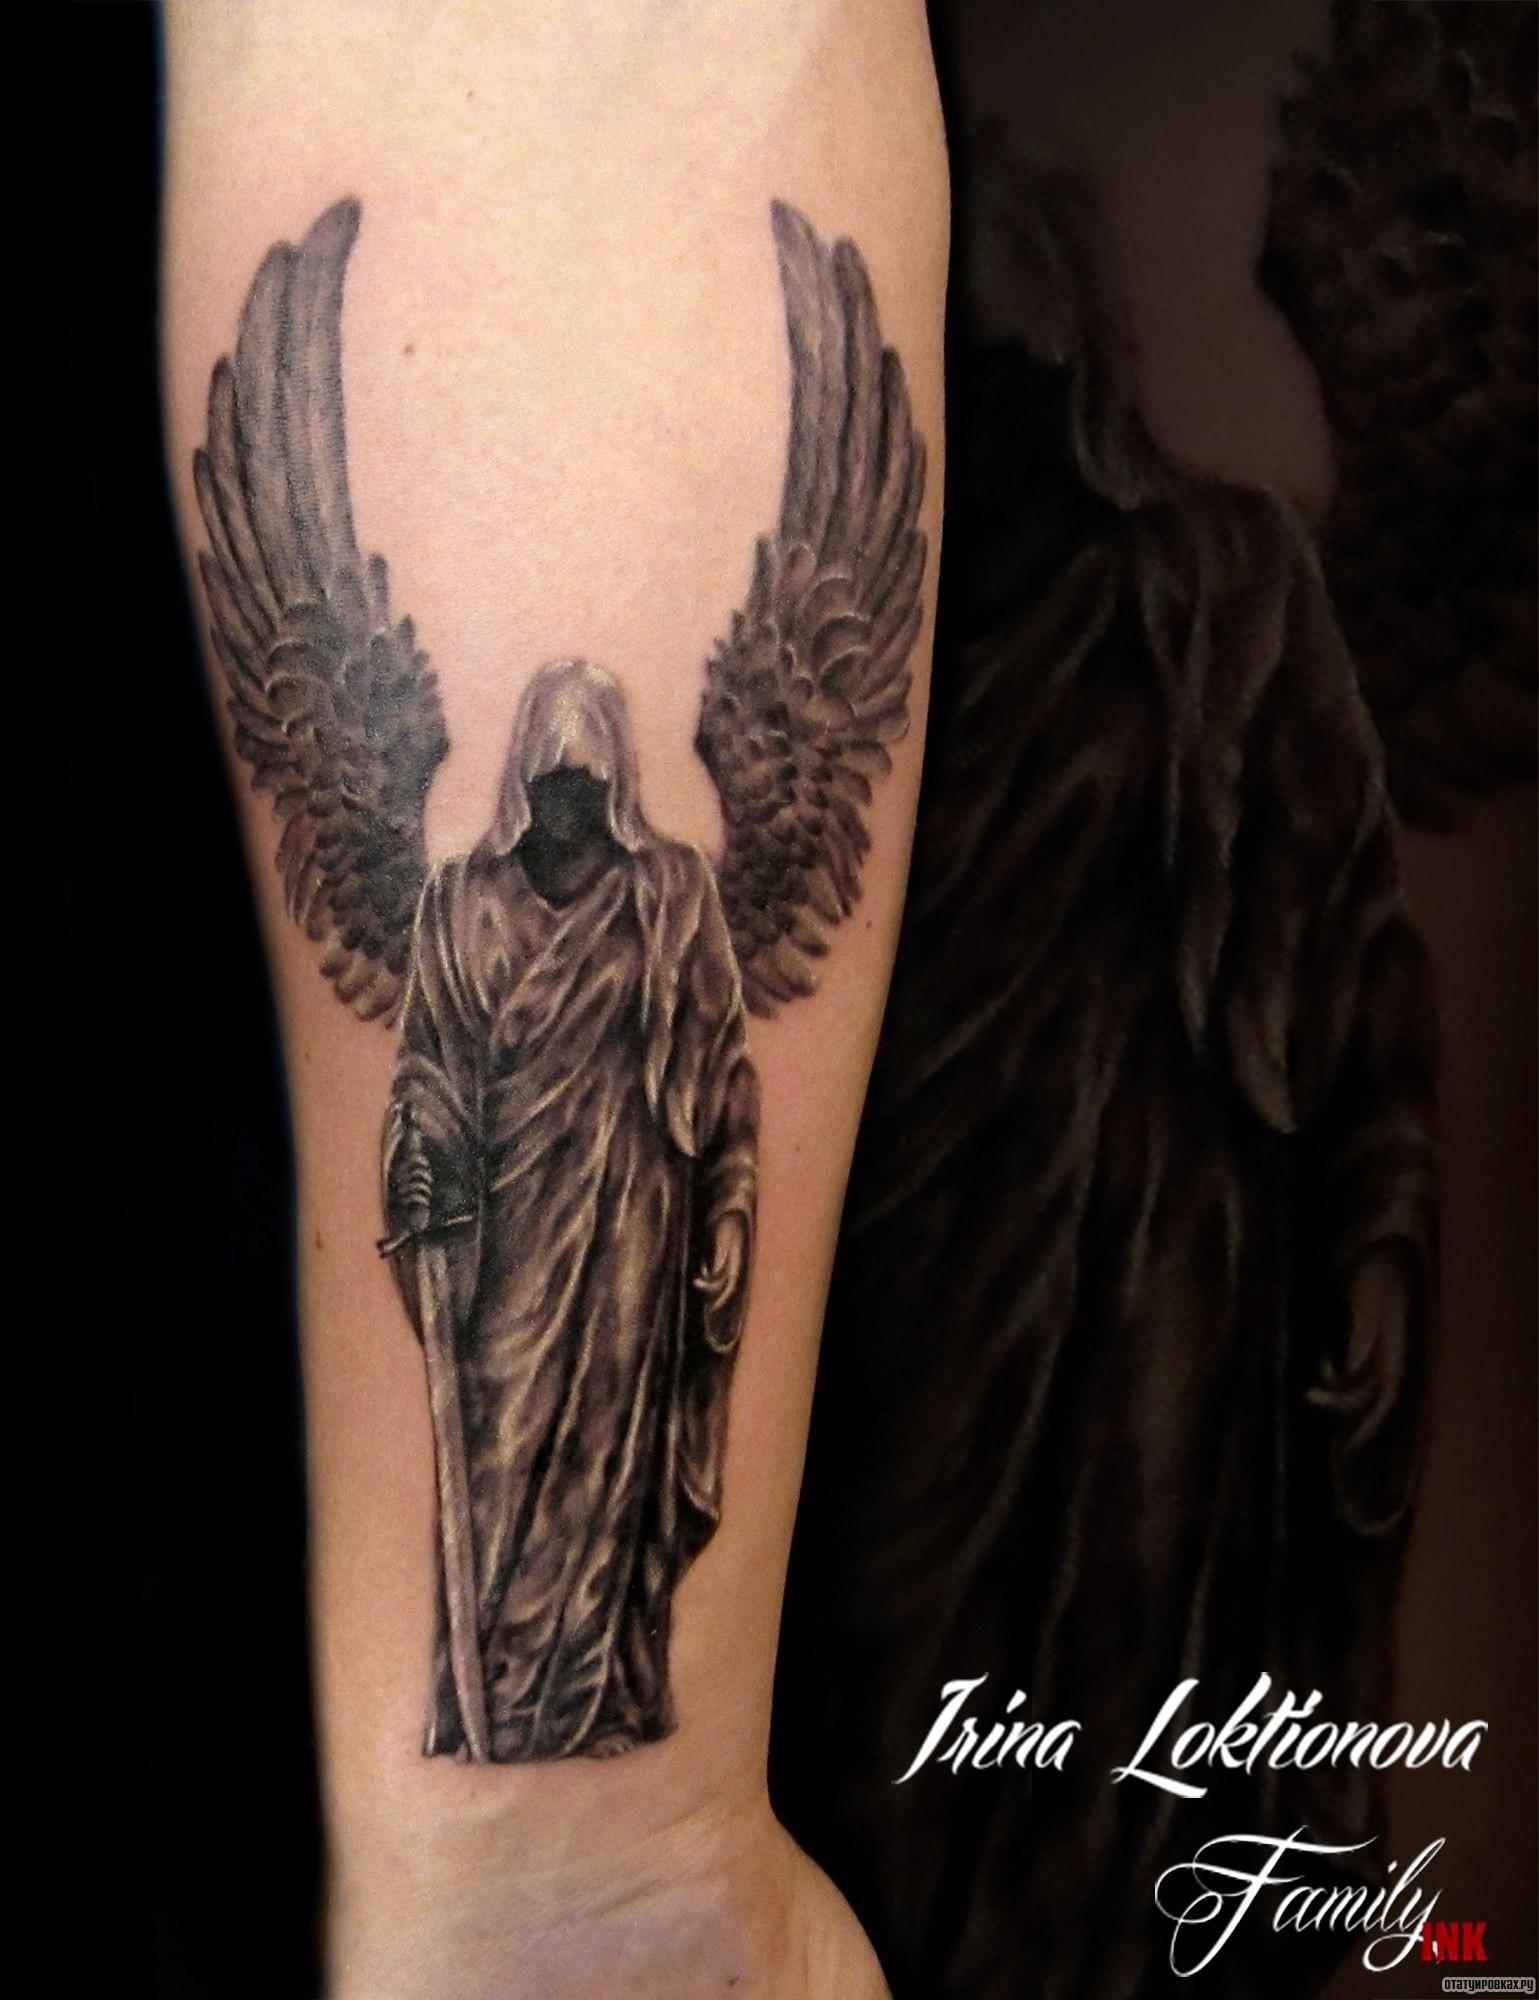 цветочное поле тату на руке ангел с мечом фото полярных волков есть